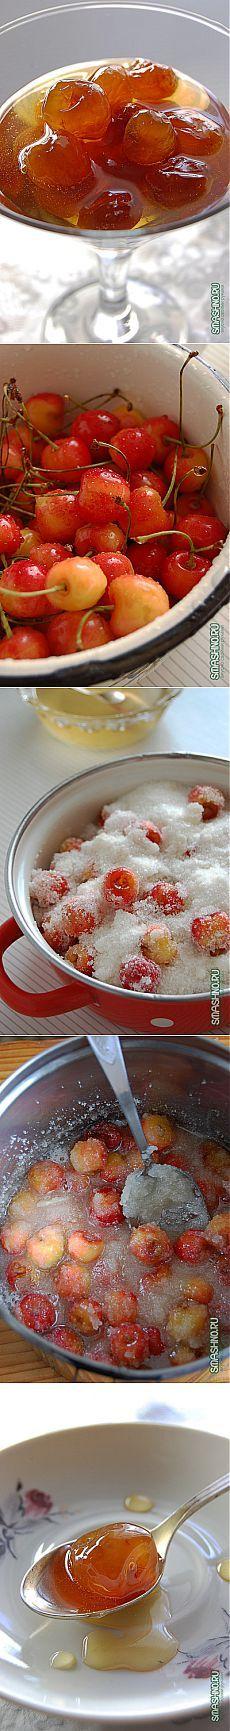 Янтарное черешневое варенье - пошаговый рецепт с фото